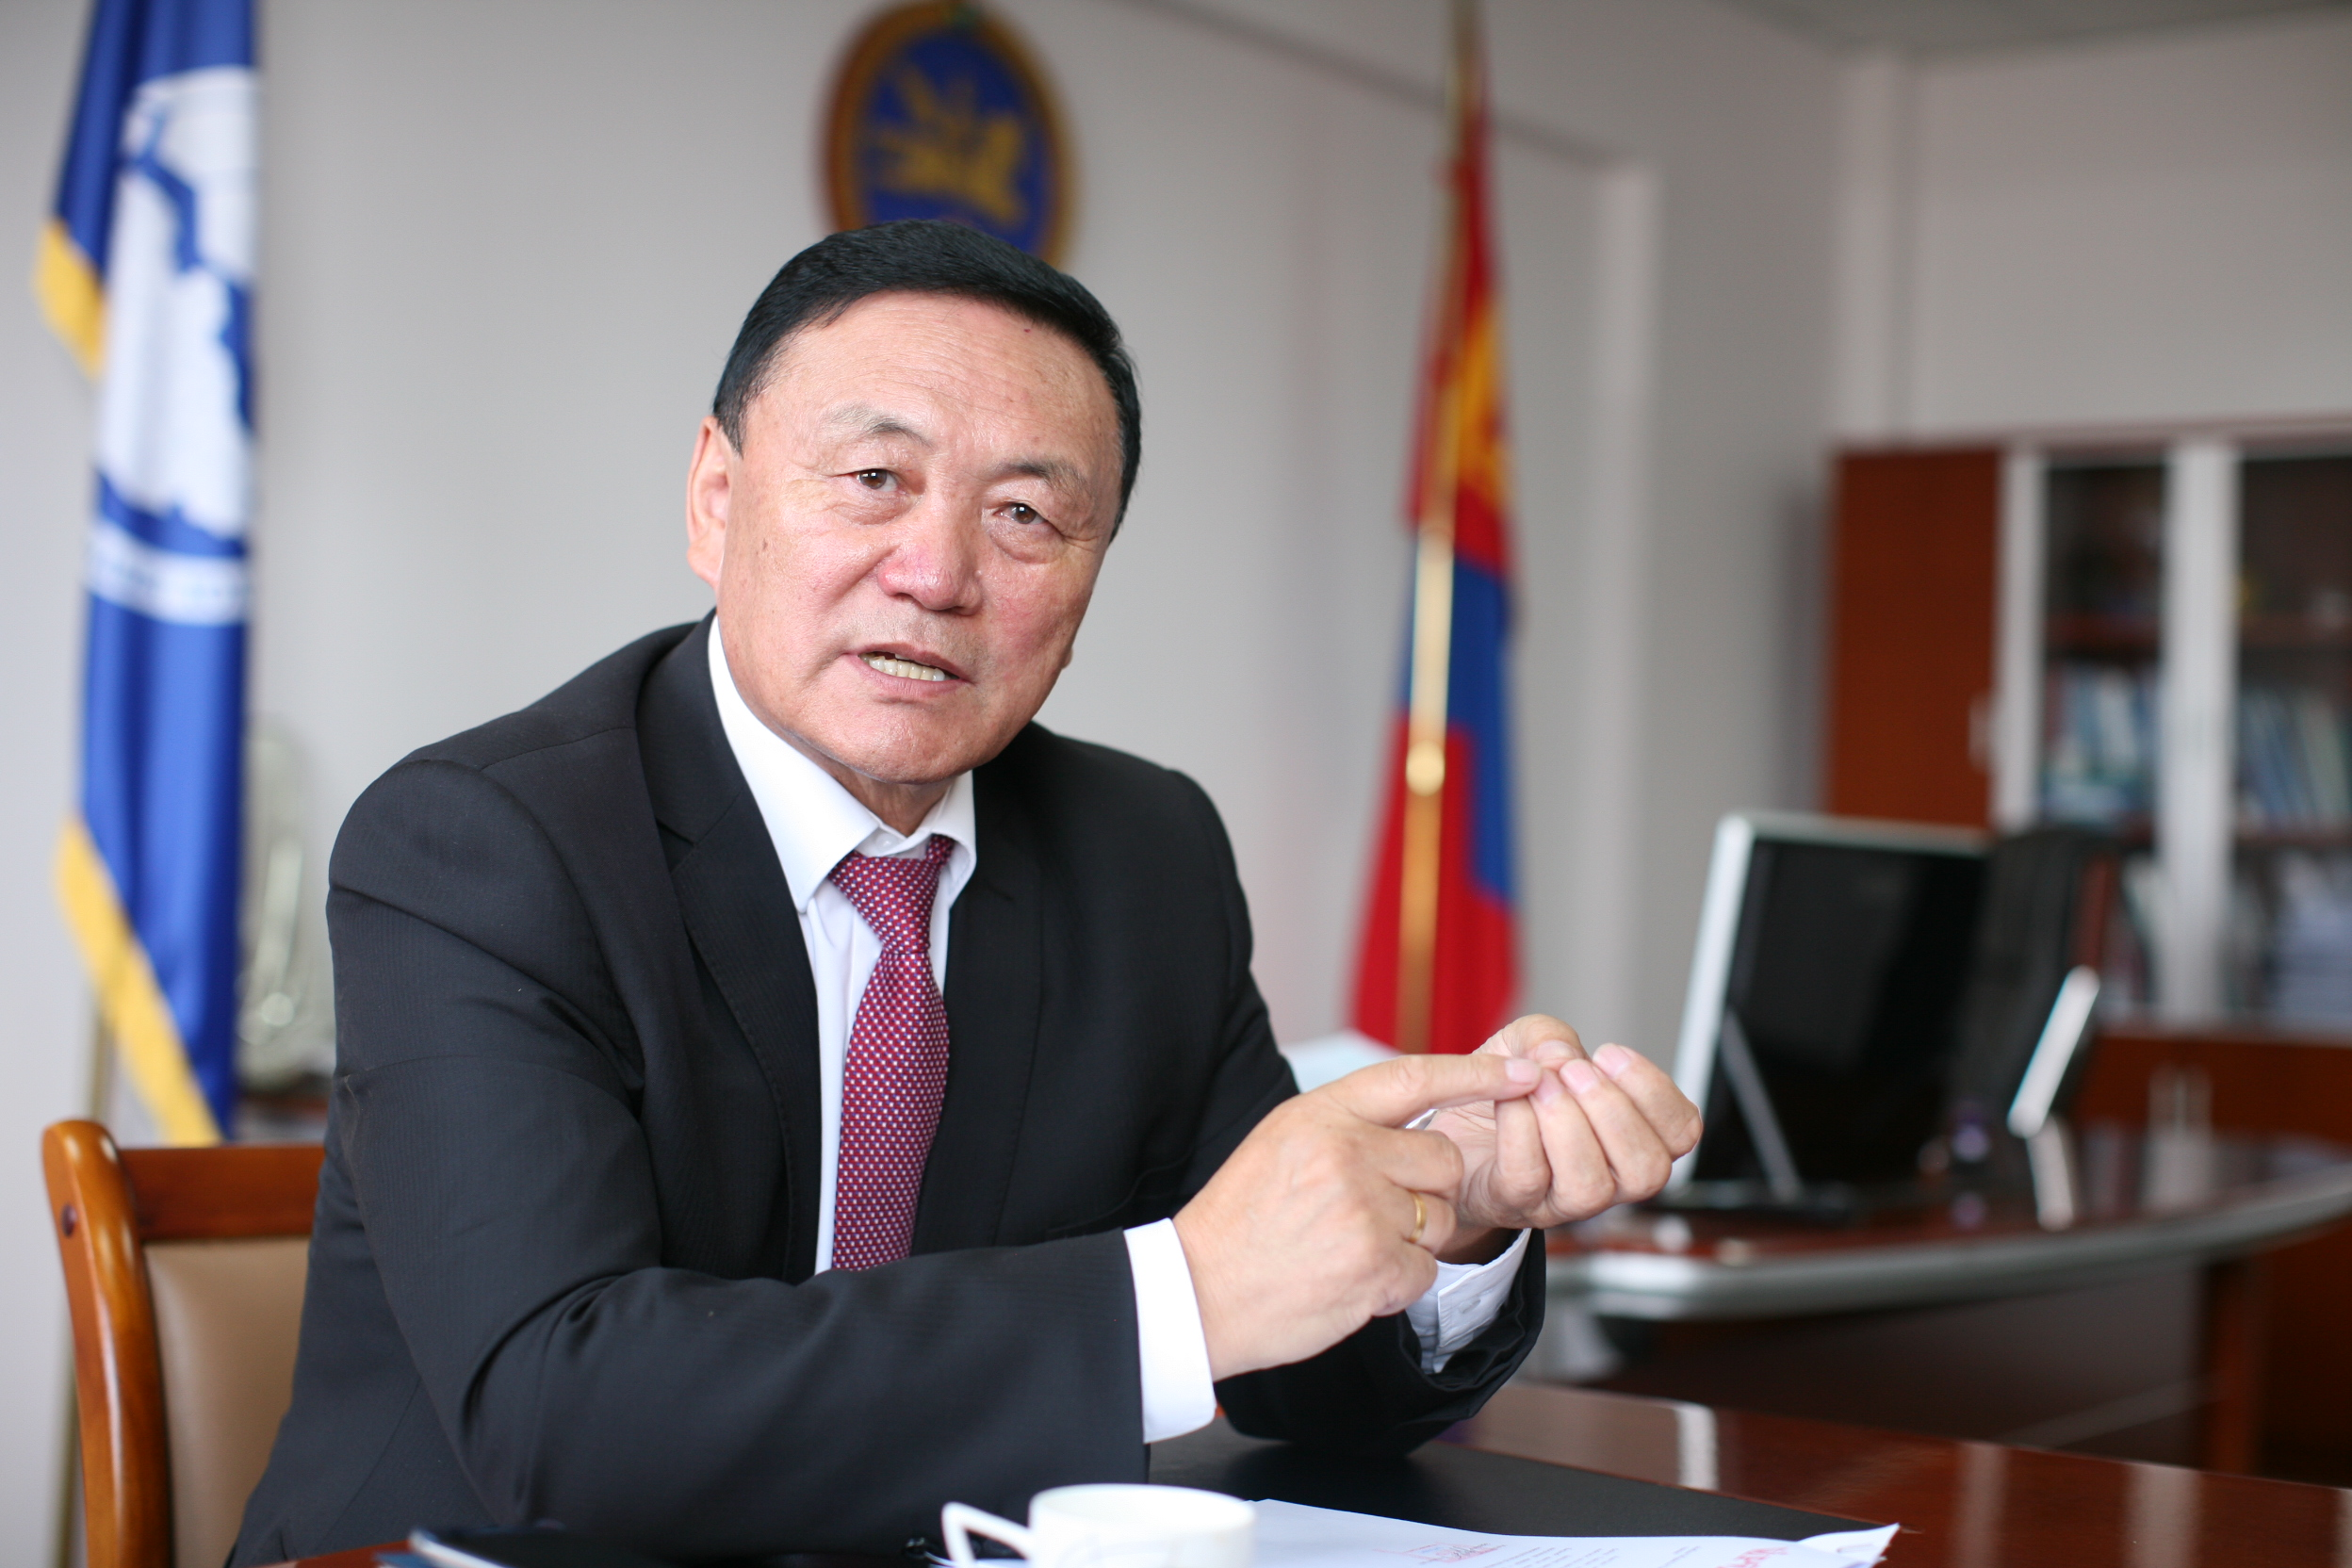 Д.Цэвээнжав: Монгол төрийн түшээ хүнлэг, оюунлаг, жудагтай хүн байх ёстой